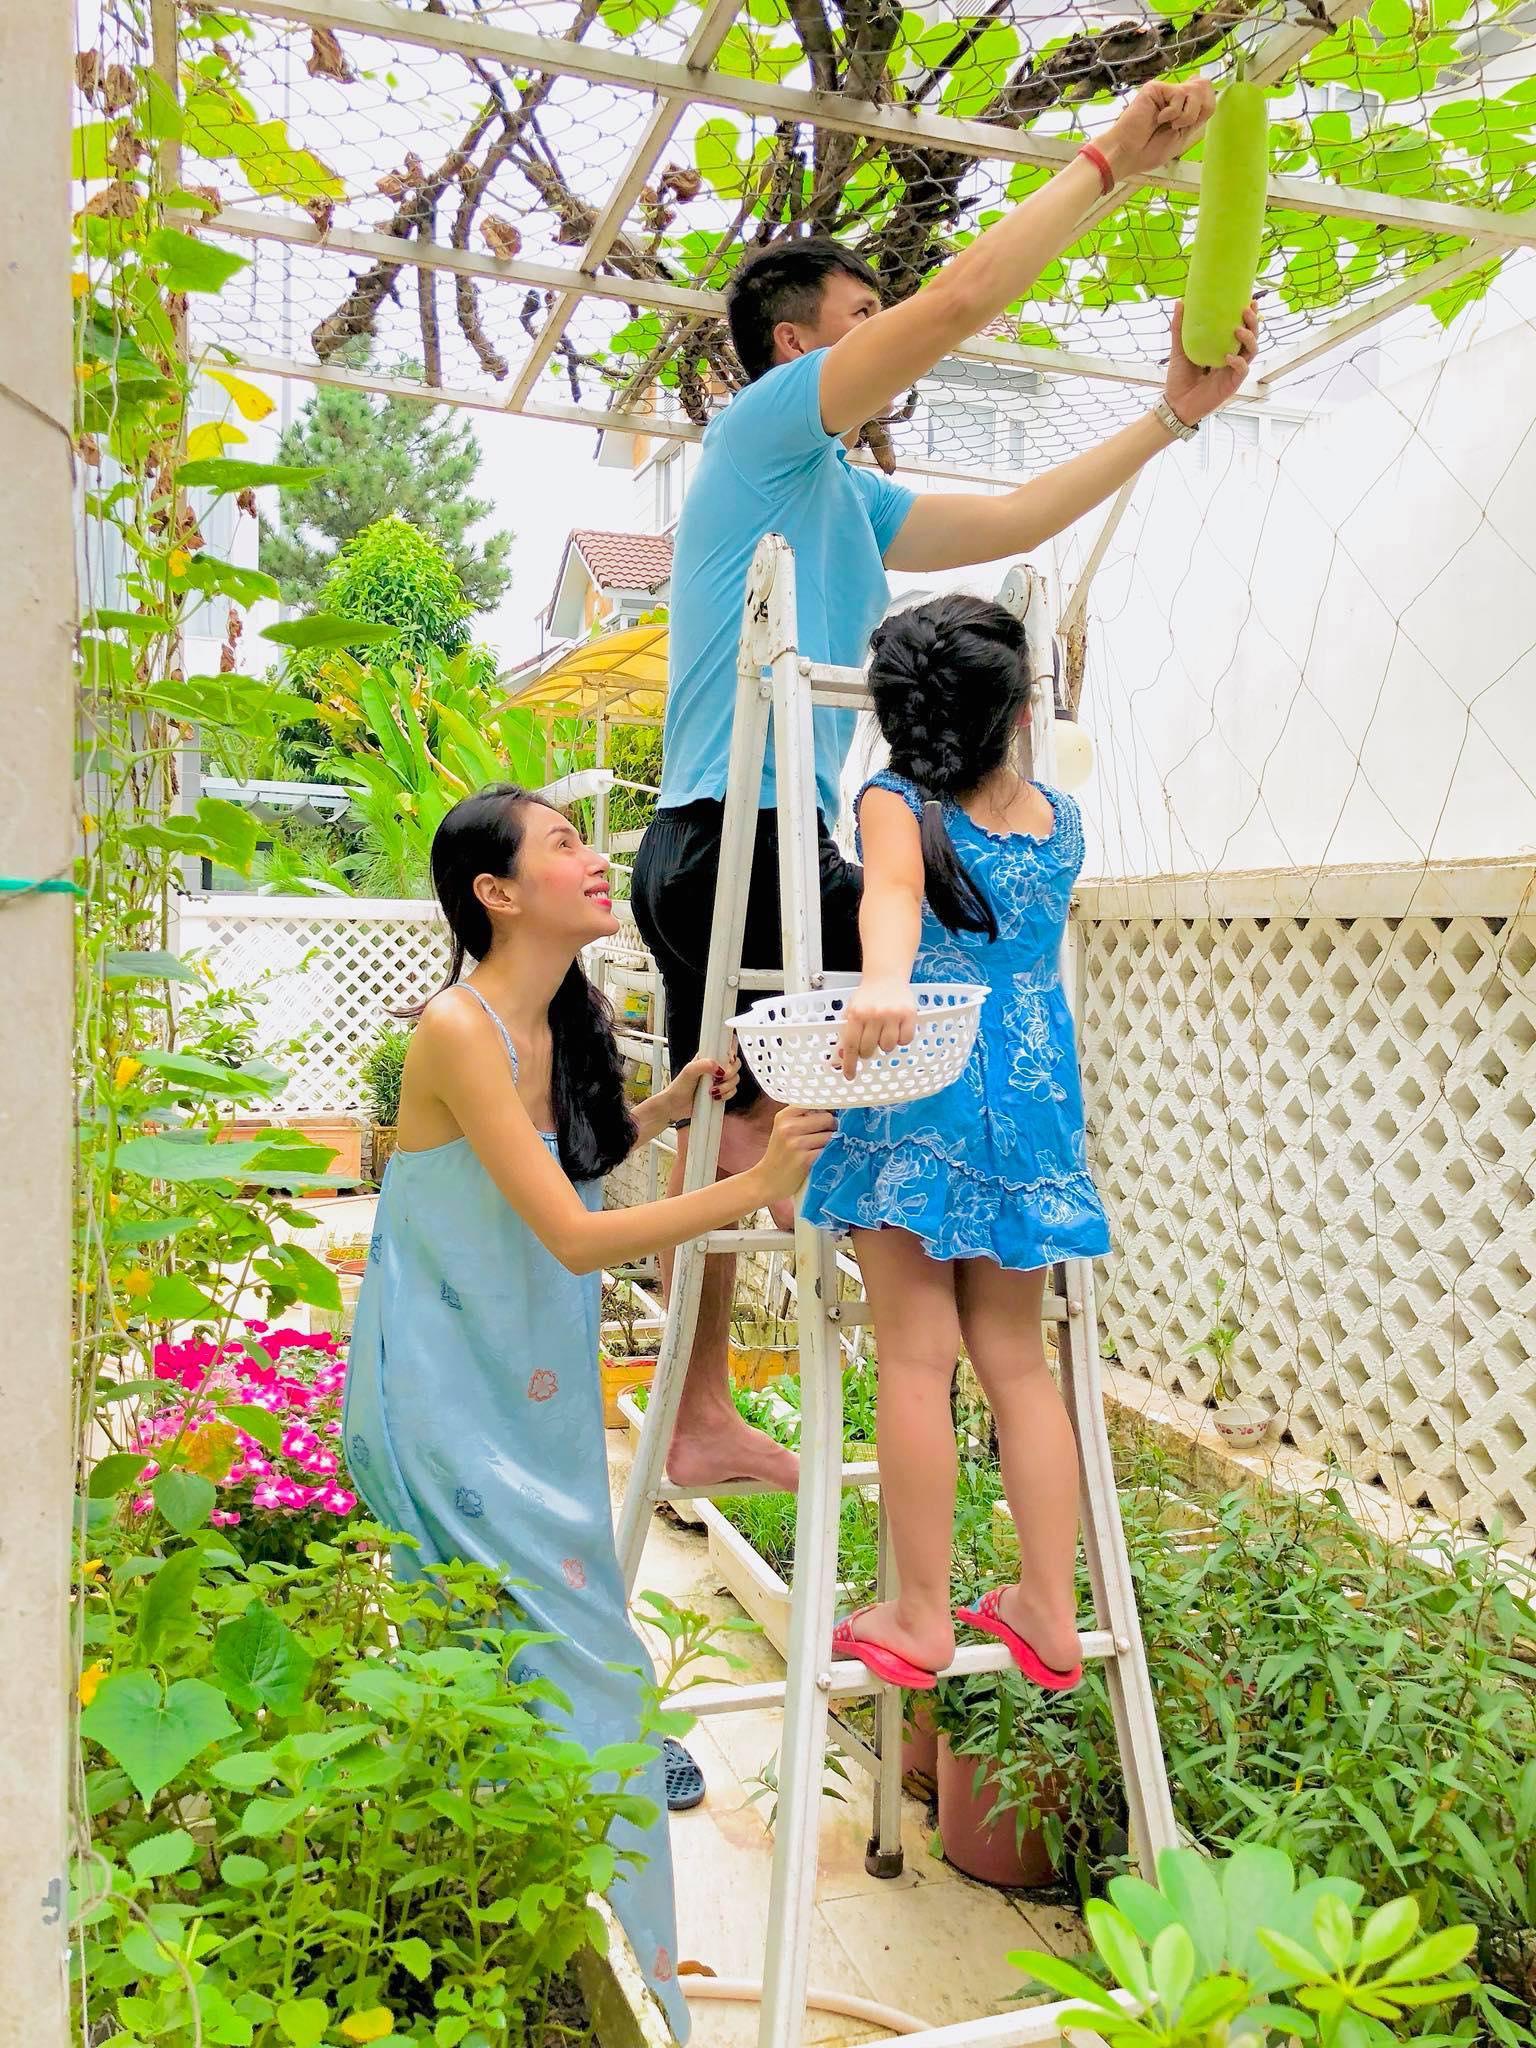 Ngắm vườn rau quả sạch tốt tươi, xanh mát trong biệt thự triệu đô của vợ chồng Thủy Tiên - Công Vinh - Ảnh 5.